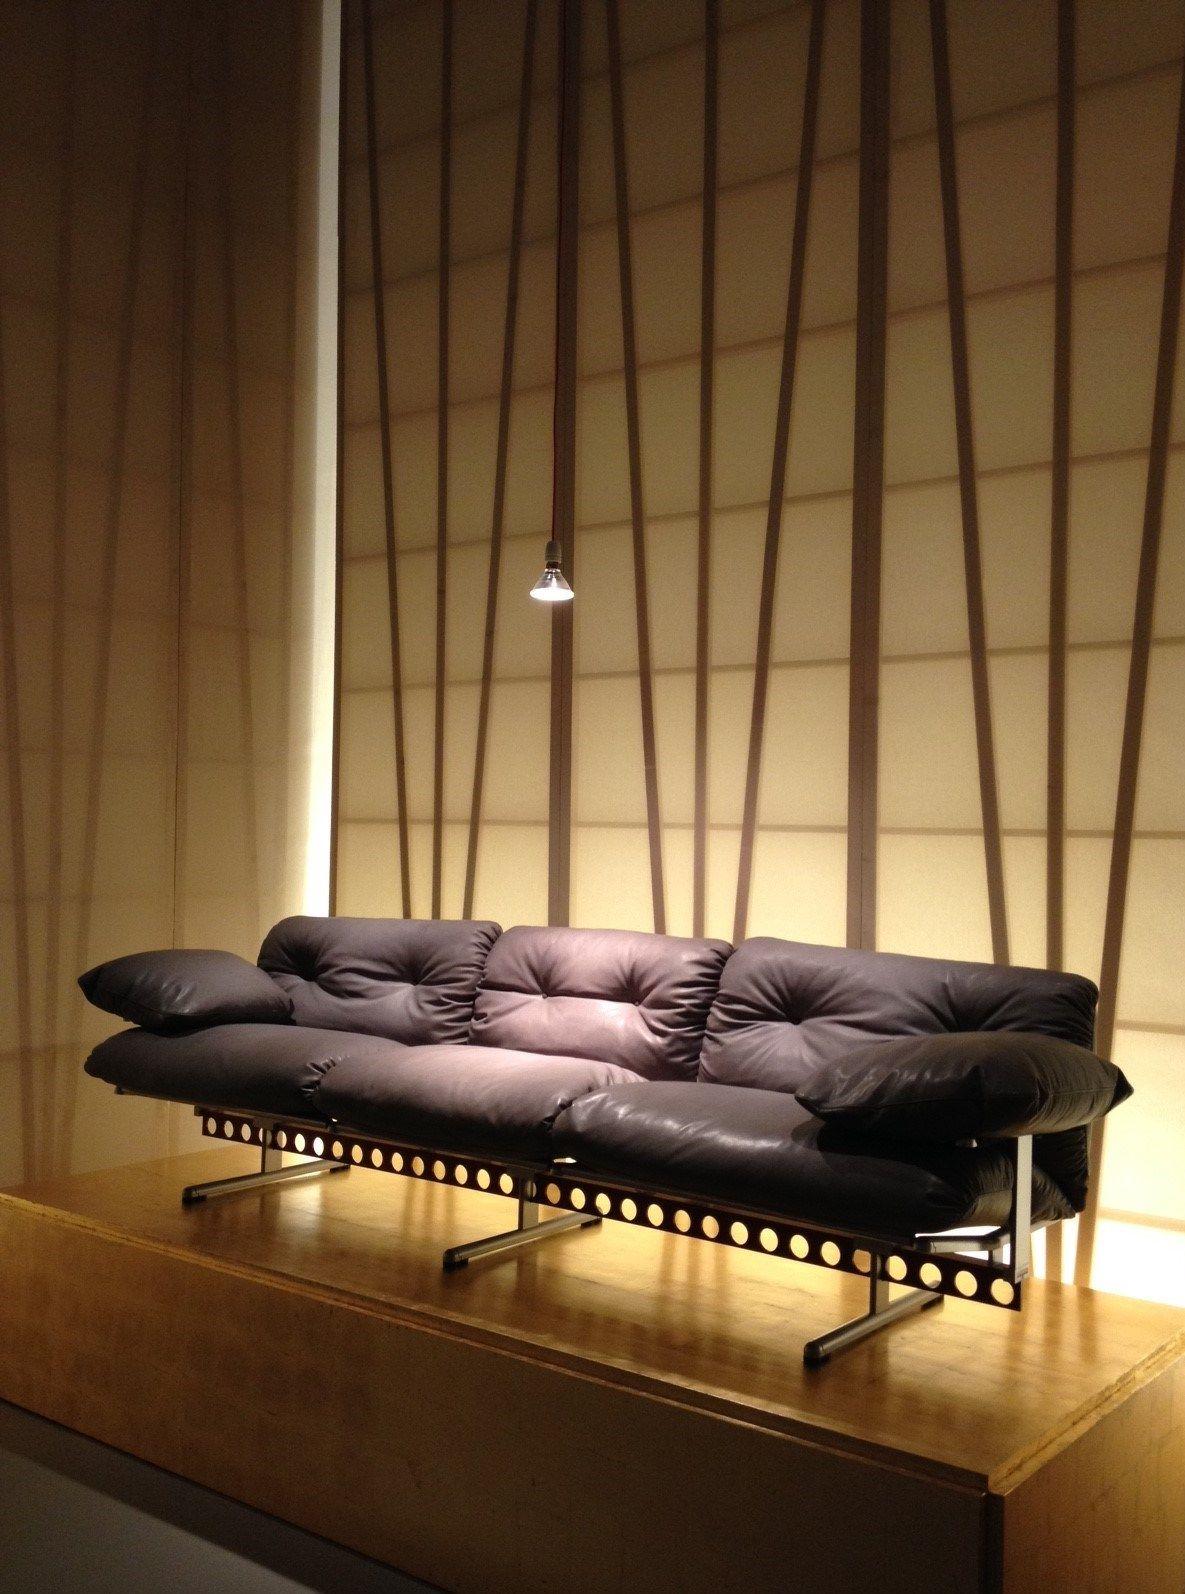 ouverture sofa designedpierluigi cerri, manufactured